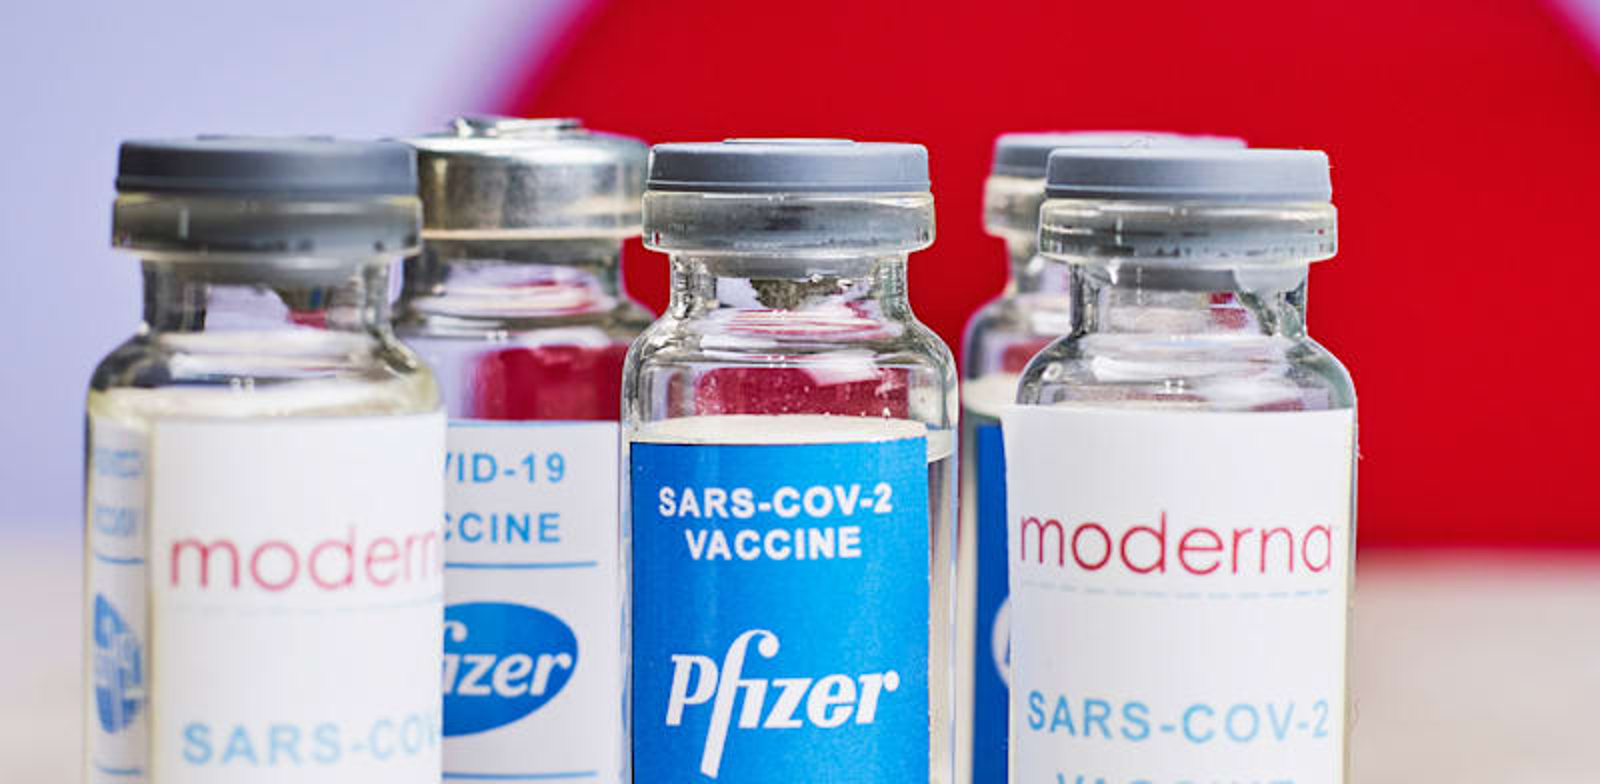 ההבדלים בין החיסונים הם בניואנסים / צילום: Shutterstock